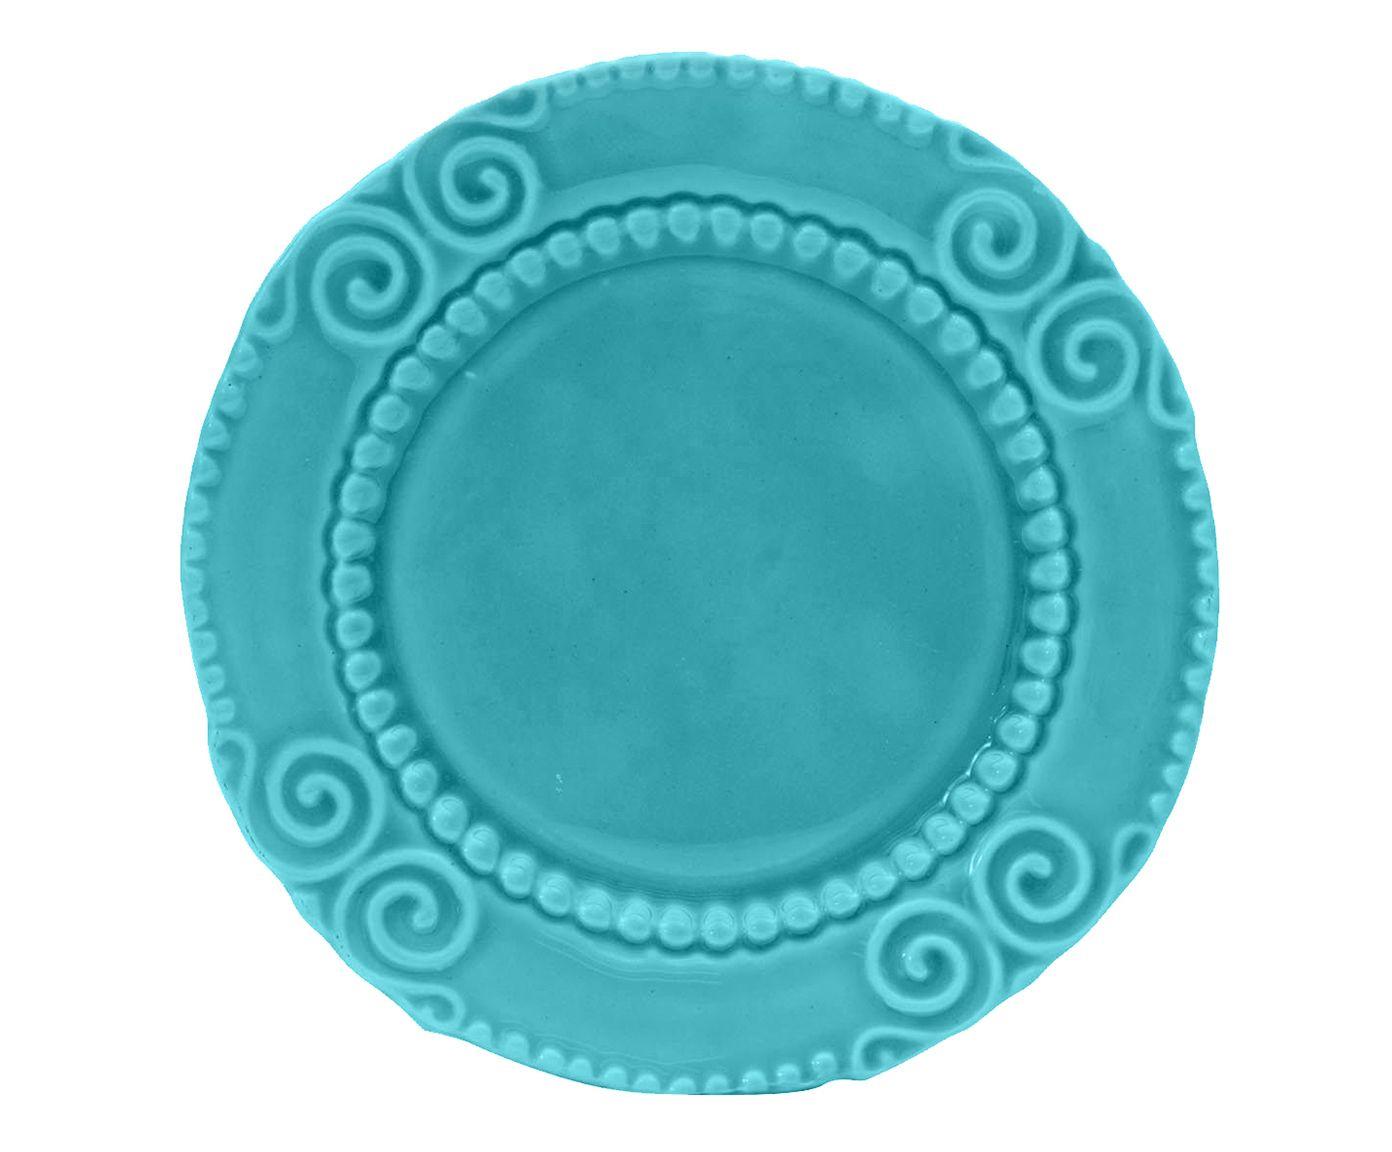 Prato para Sobremesa Aruba   Westwing.com.br